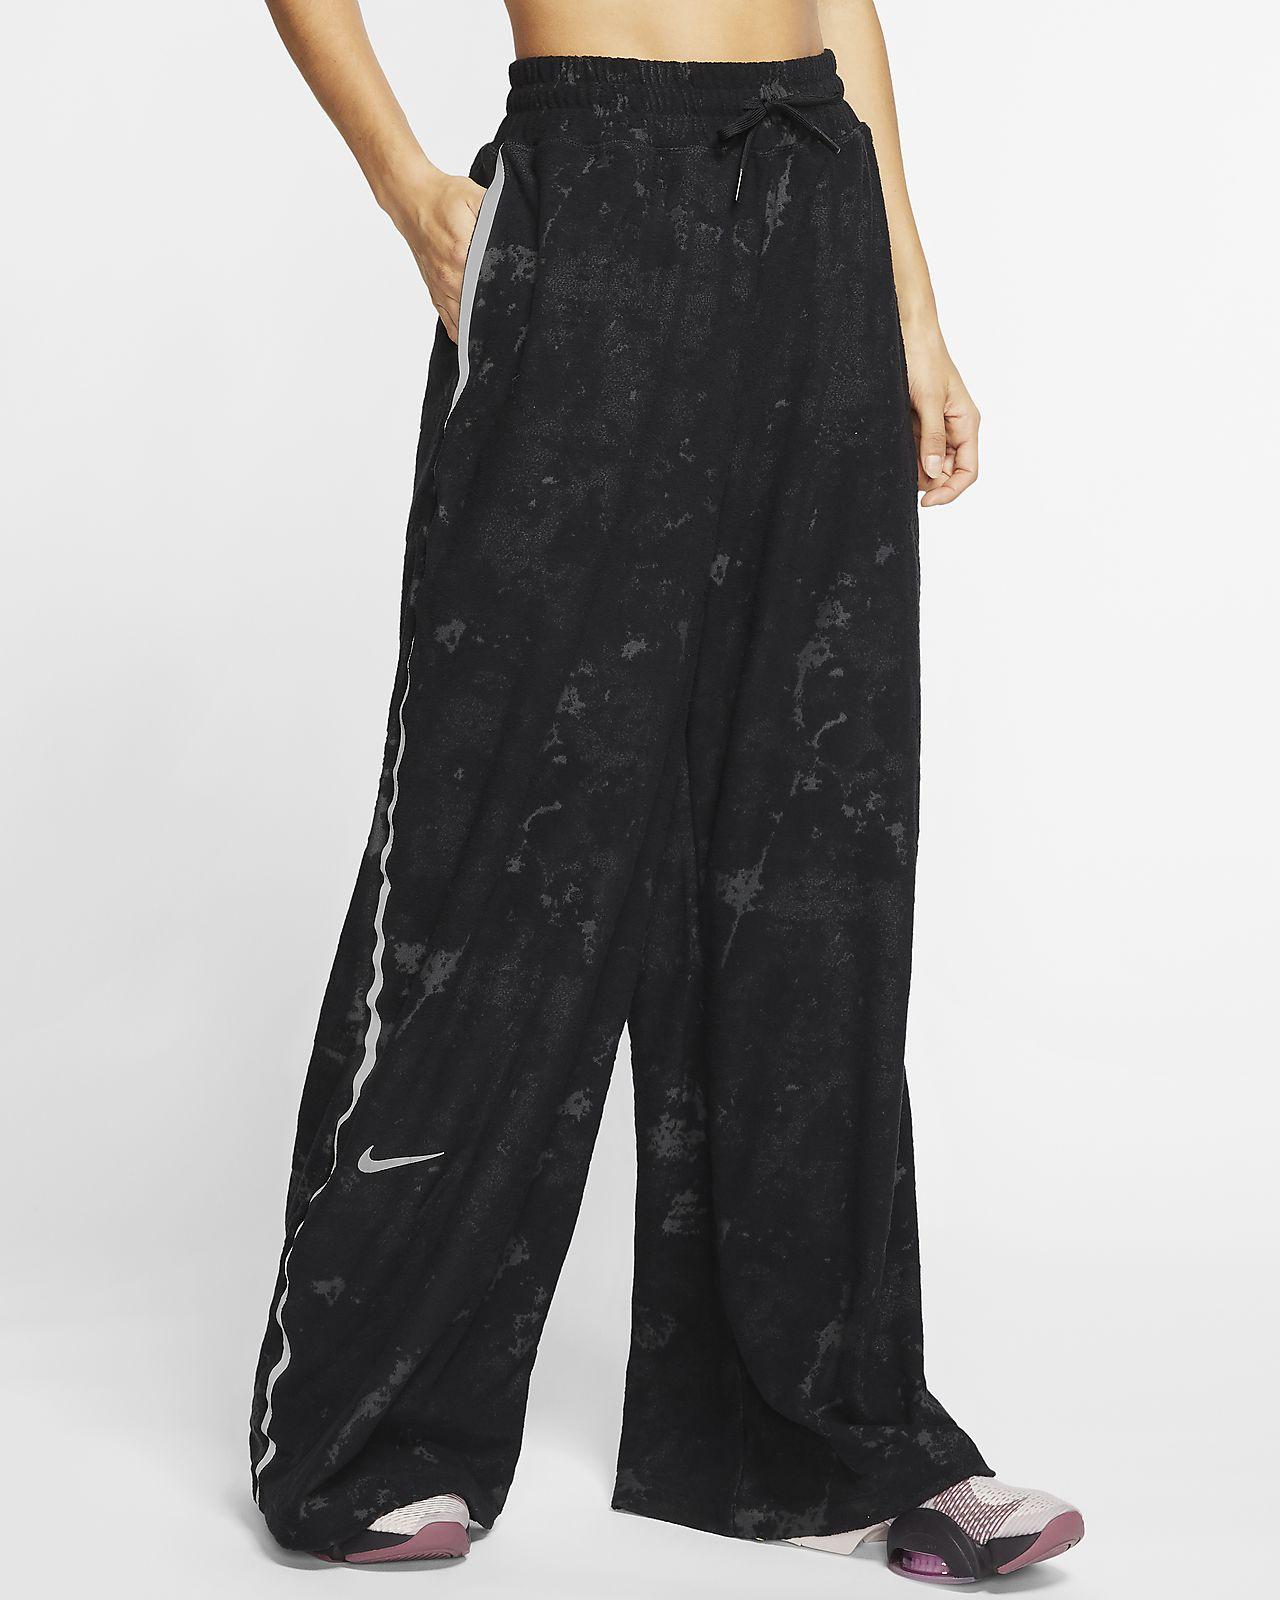 Damskie spodnie treningowe z dzianiny Nike City Ready